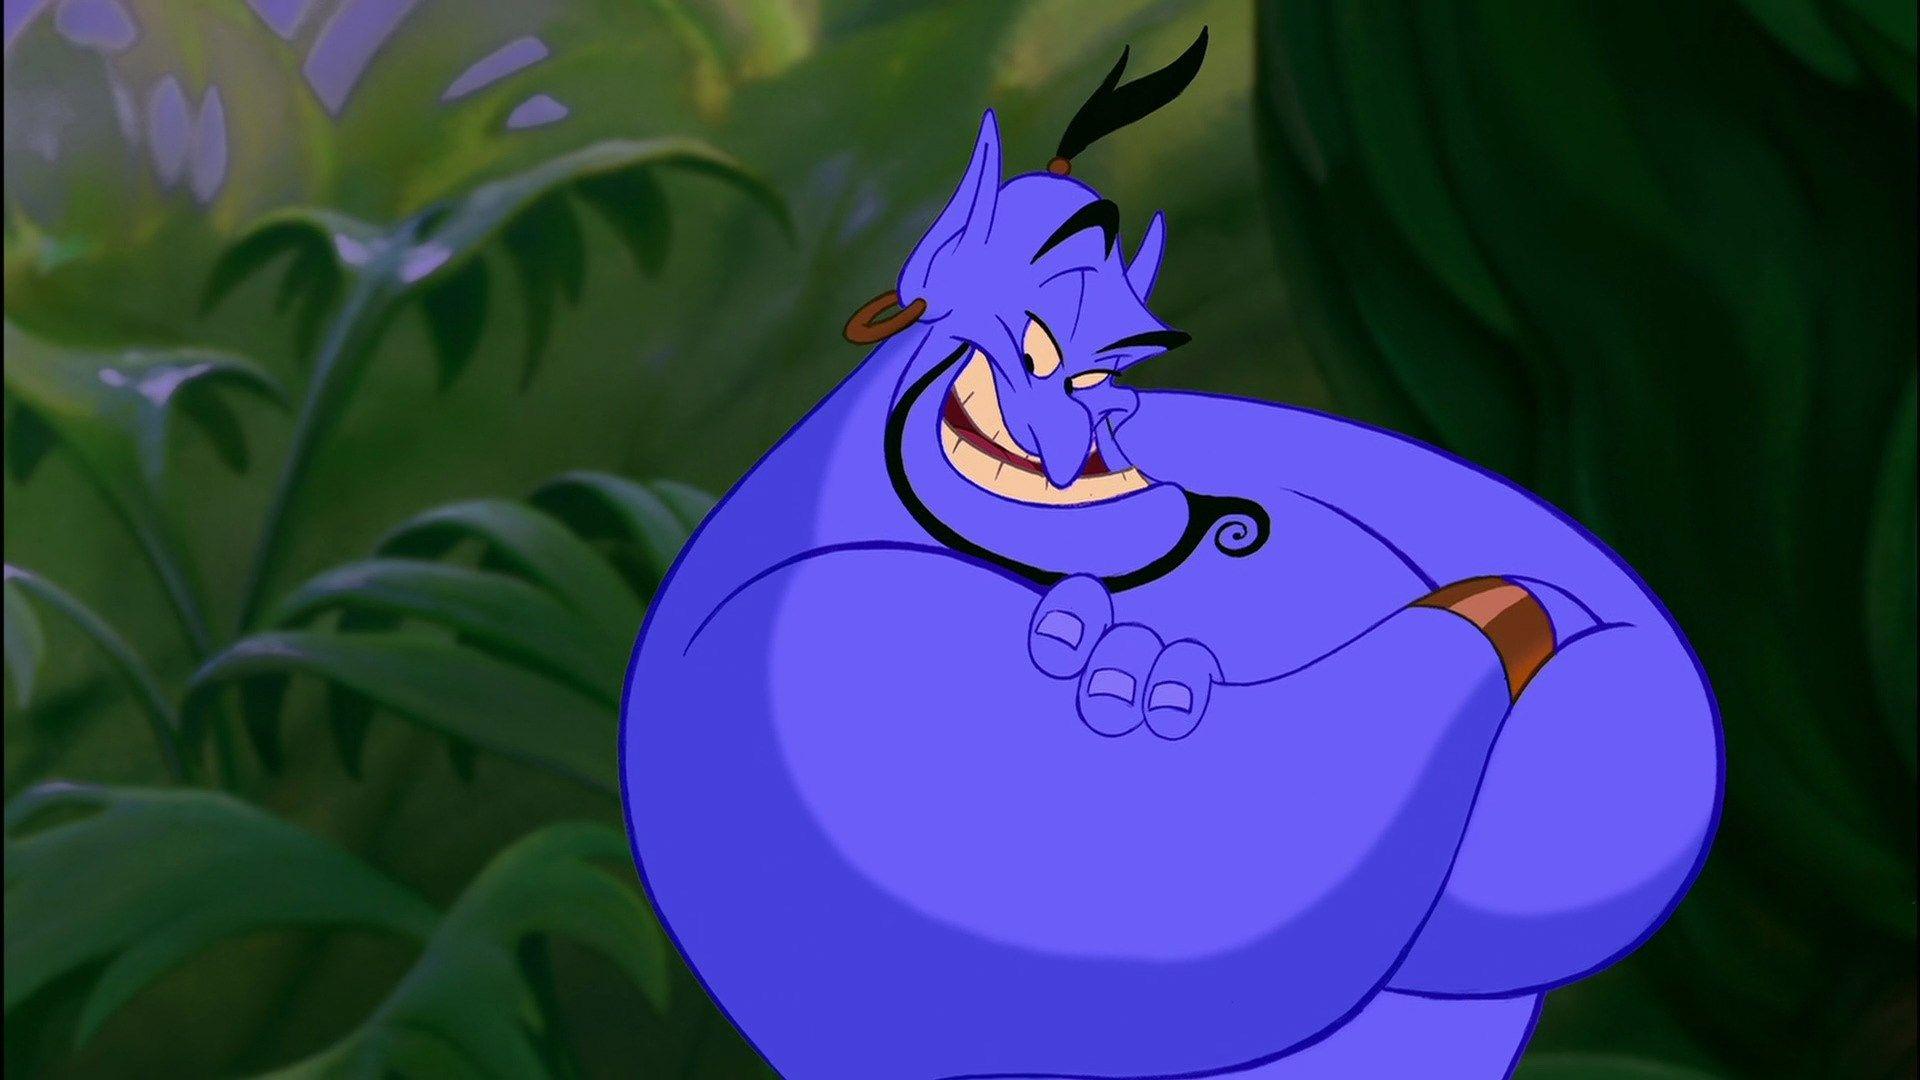 Aladdin Genie Quotes Wallpaper Hd